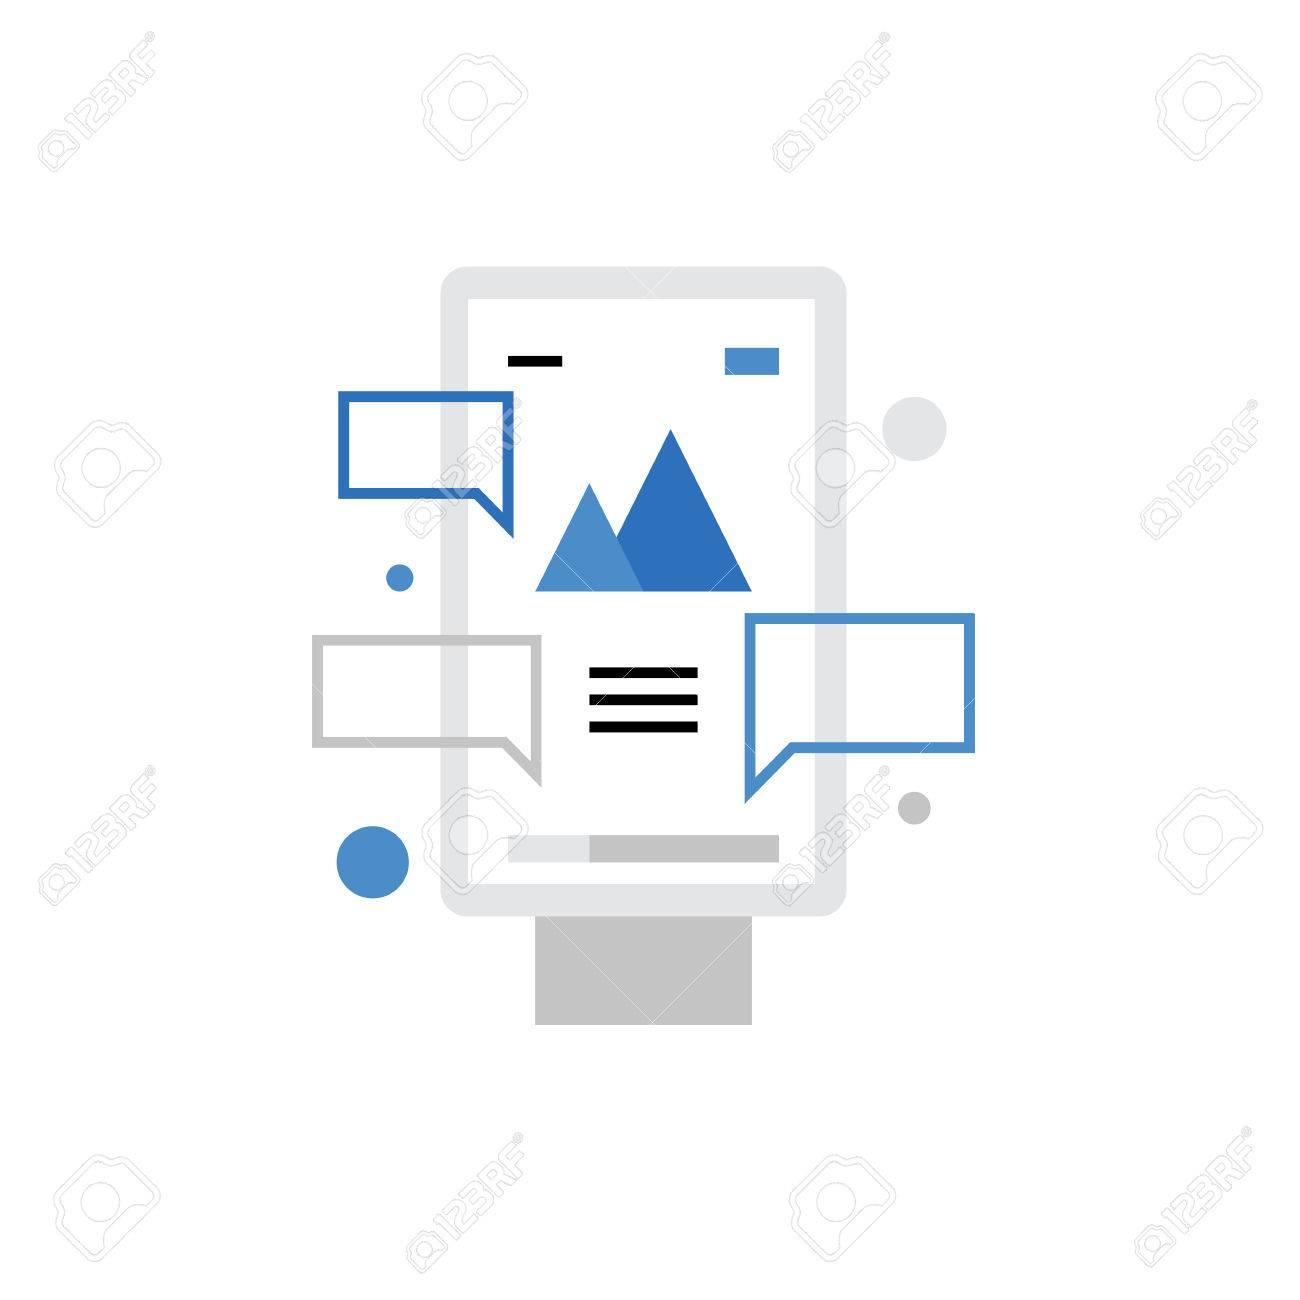 foto de archivo icono de vectores modernos de soporte tarjeta de la informacin y la caja de luz anuncio calidad ilustracin vectorial